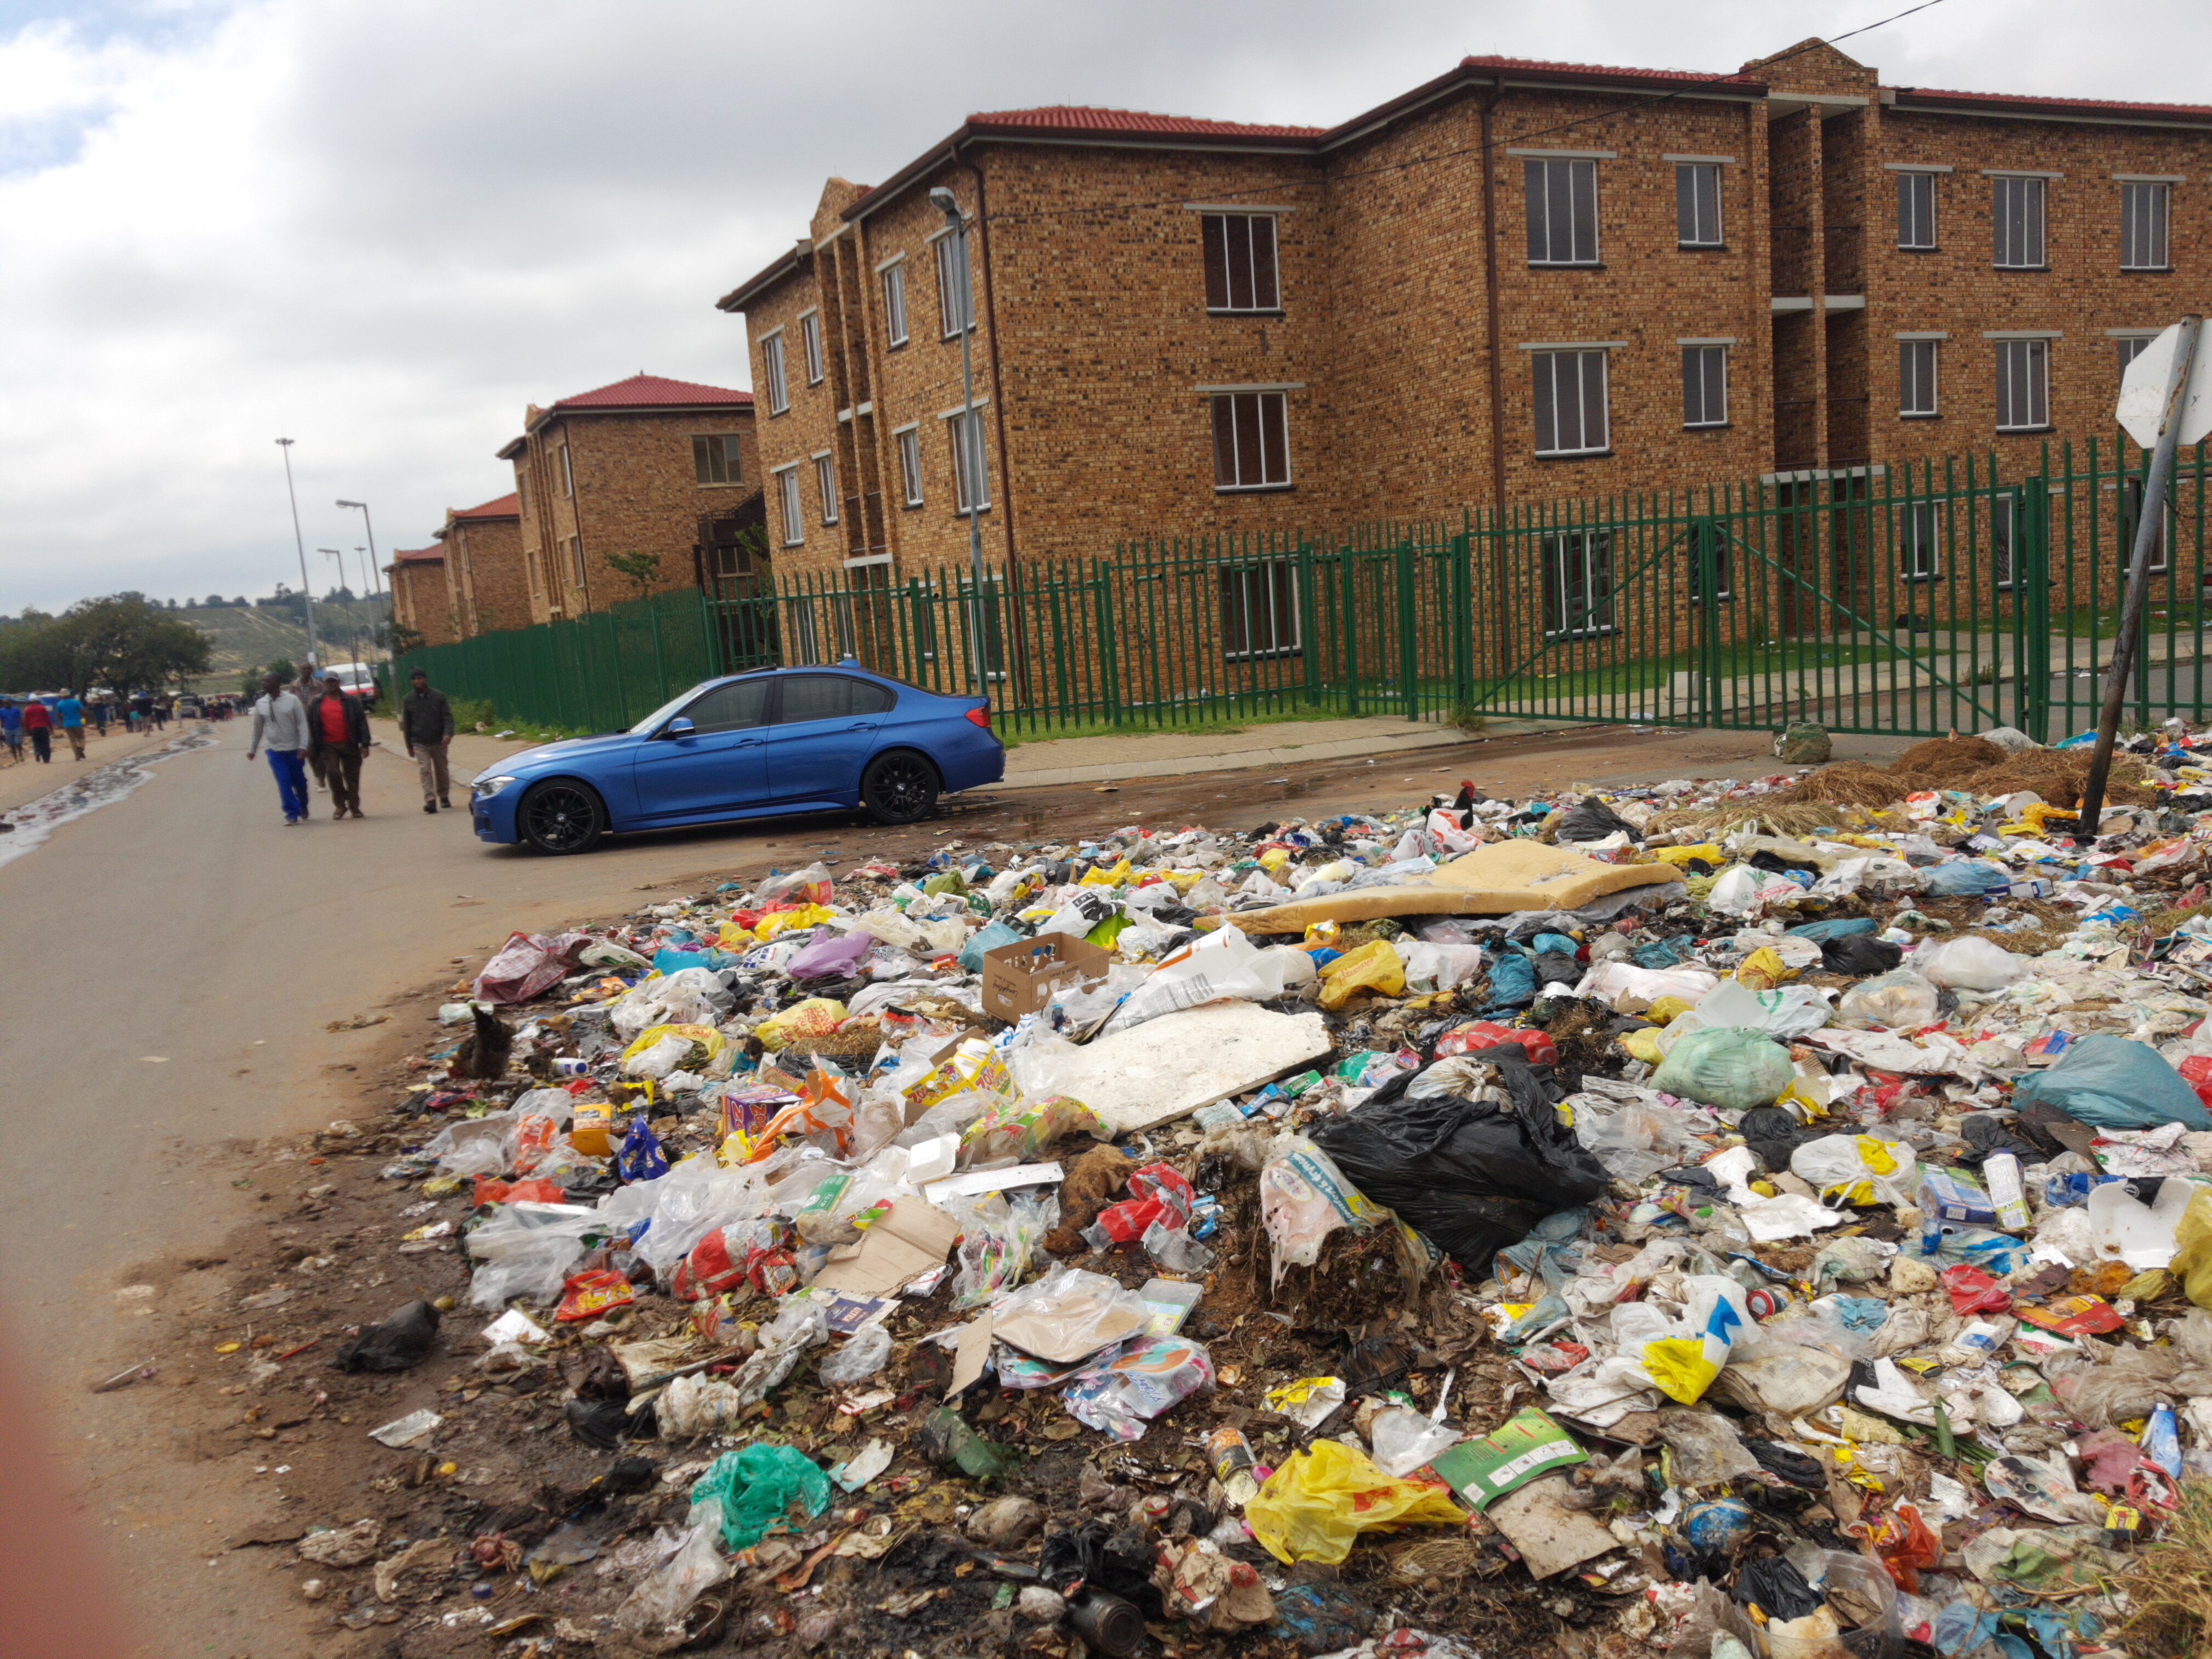 Township-Vielfalt: Müllberg, BMW M3 und leer stehende, weil zu teure kommunale Häuser, Building, Car, People, Road, HQ Photo